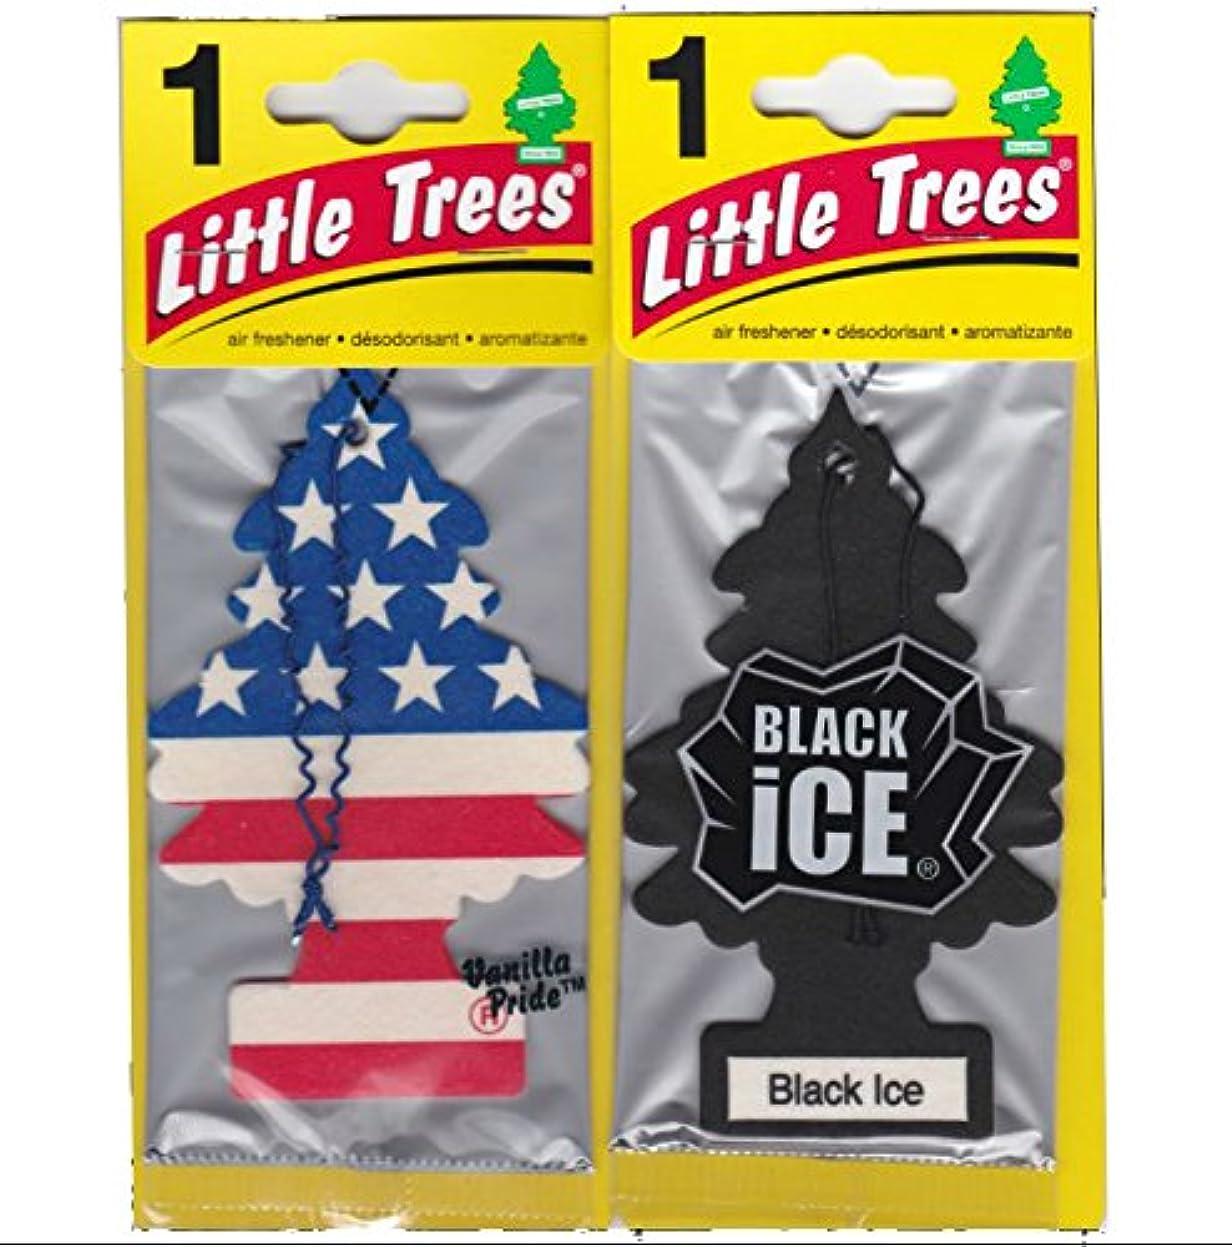 散文内陸居眠りするLittle Trees 吊下げ式 芳香剤 エアーフレッシュナー ブラックアイス & バニラプライド [並行輸入品]